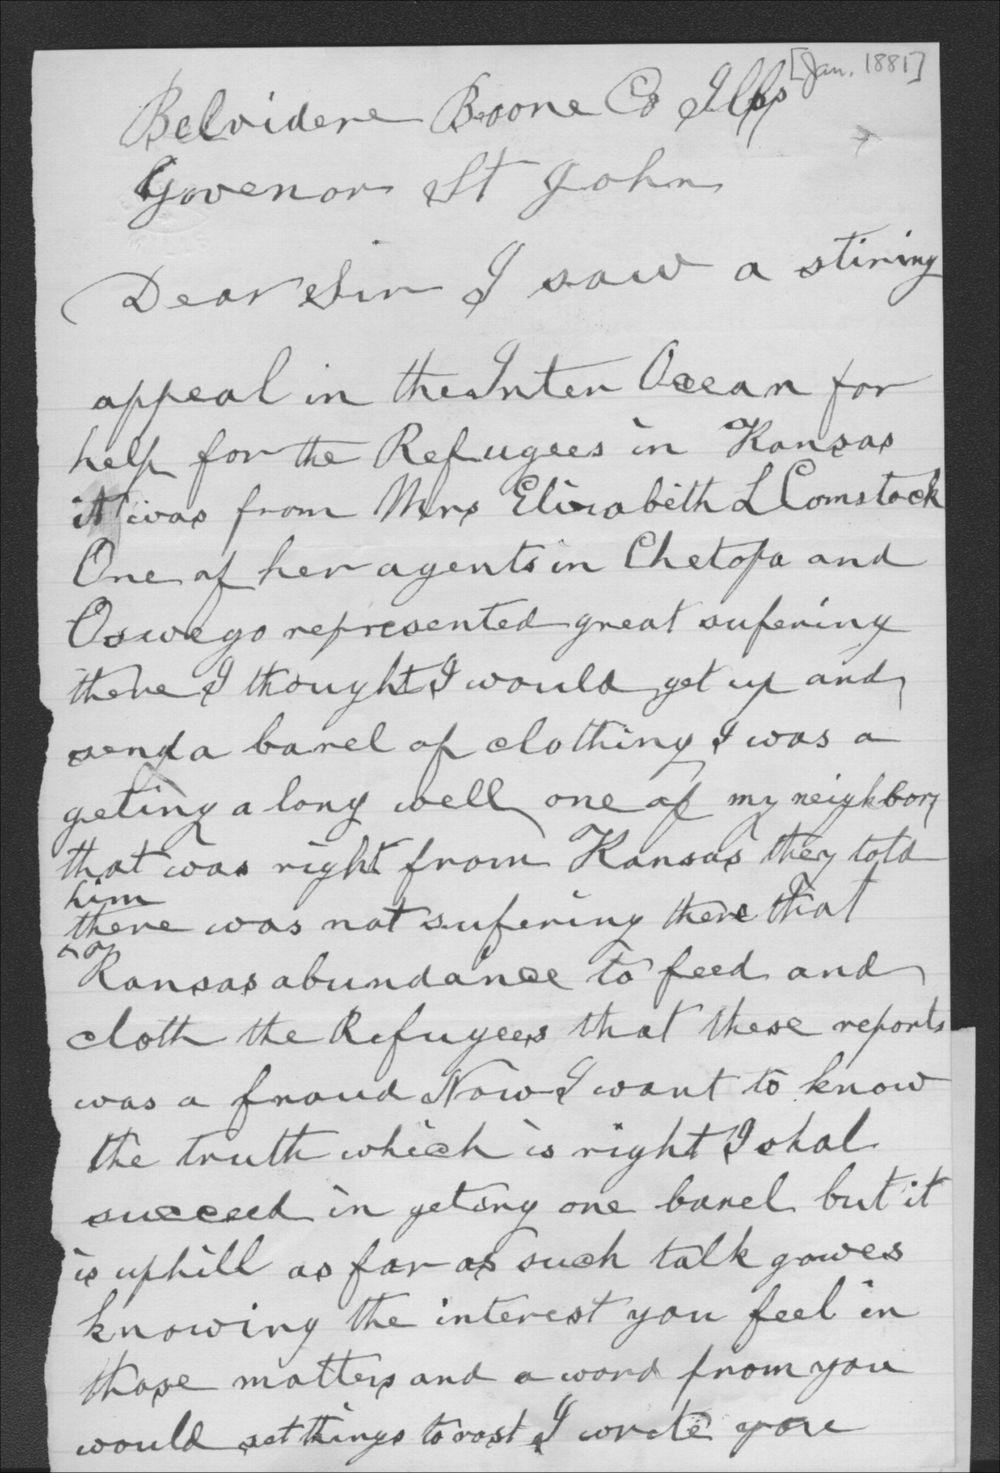 J. Lincoln to John P. St. John - 1